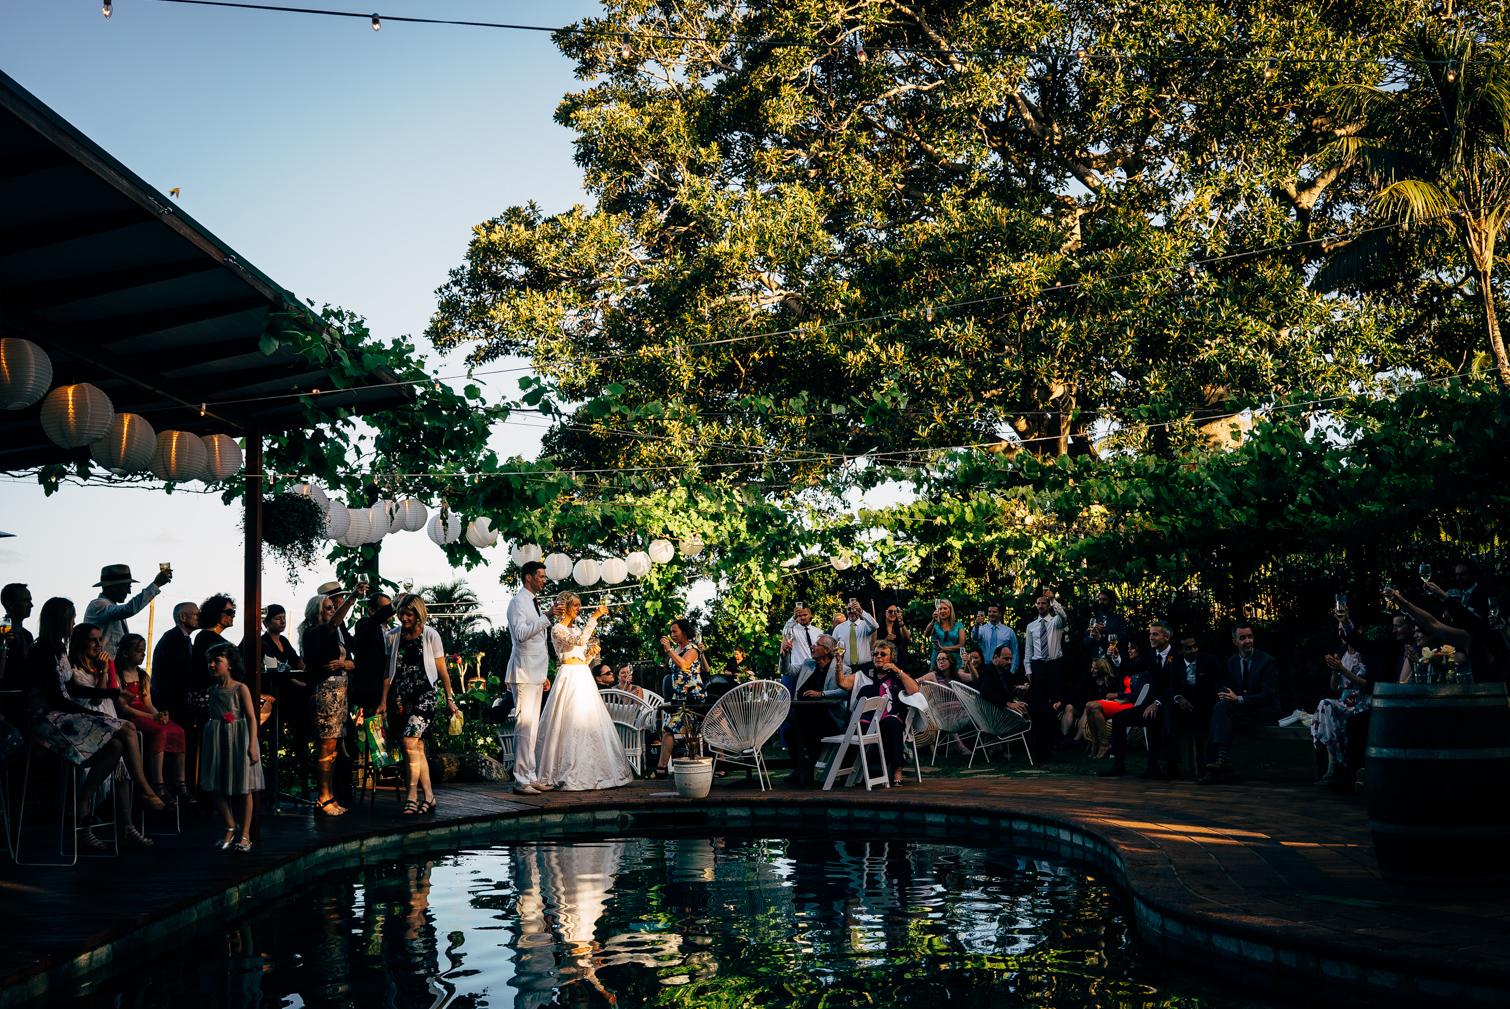 Byron_Bay_Figtree_Restaurant_Wedding_Venue-62.jpg